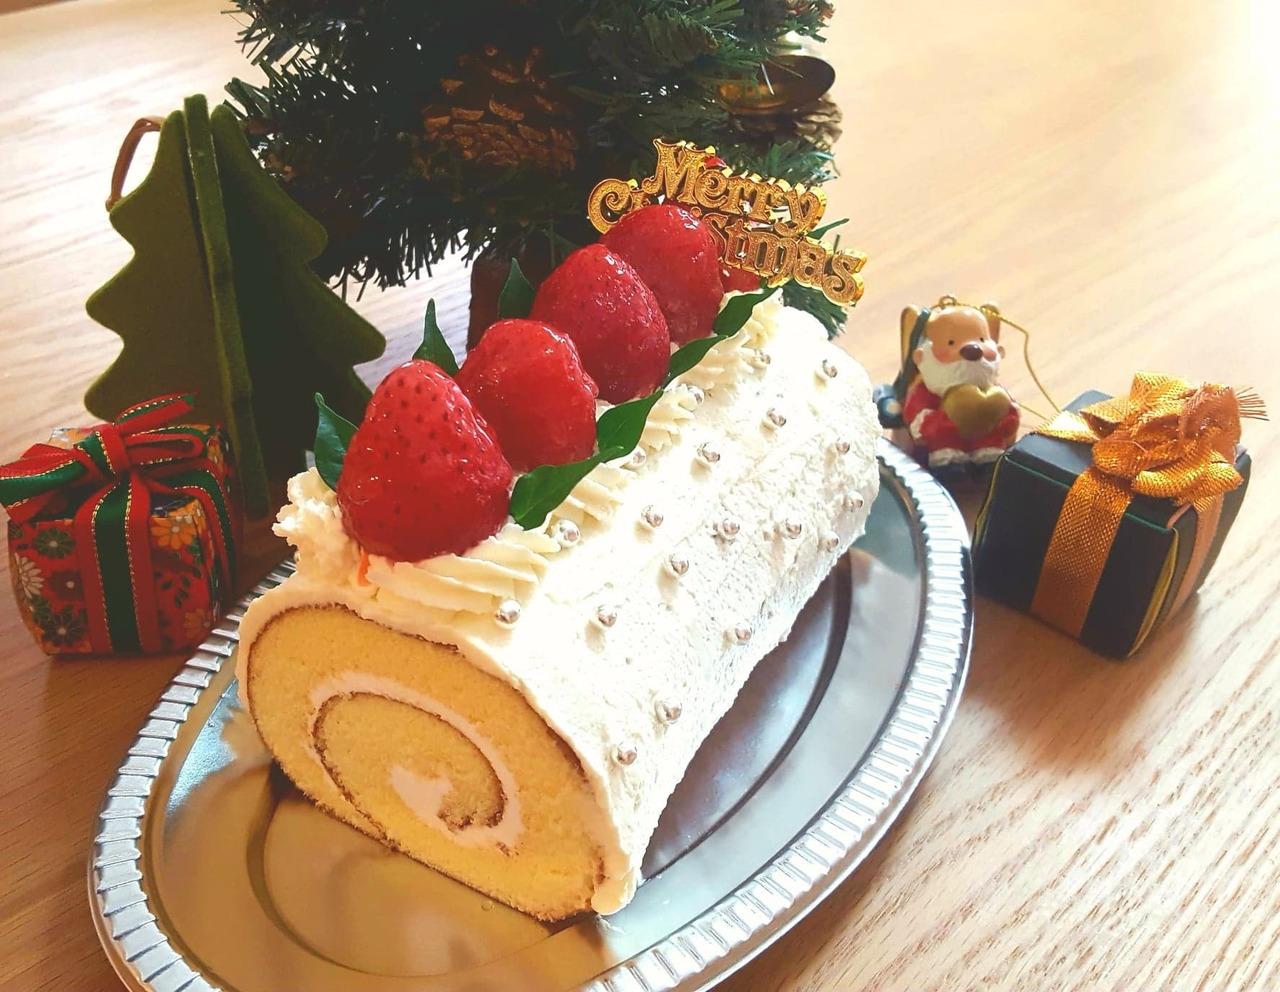 ロールケーキを簡単デコ♪ イチゴ のクリスマスケーキを作ろう!【足立】2019年12月7日  (土)